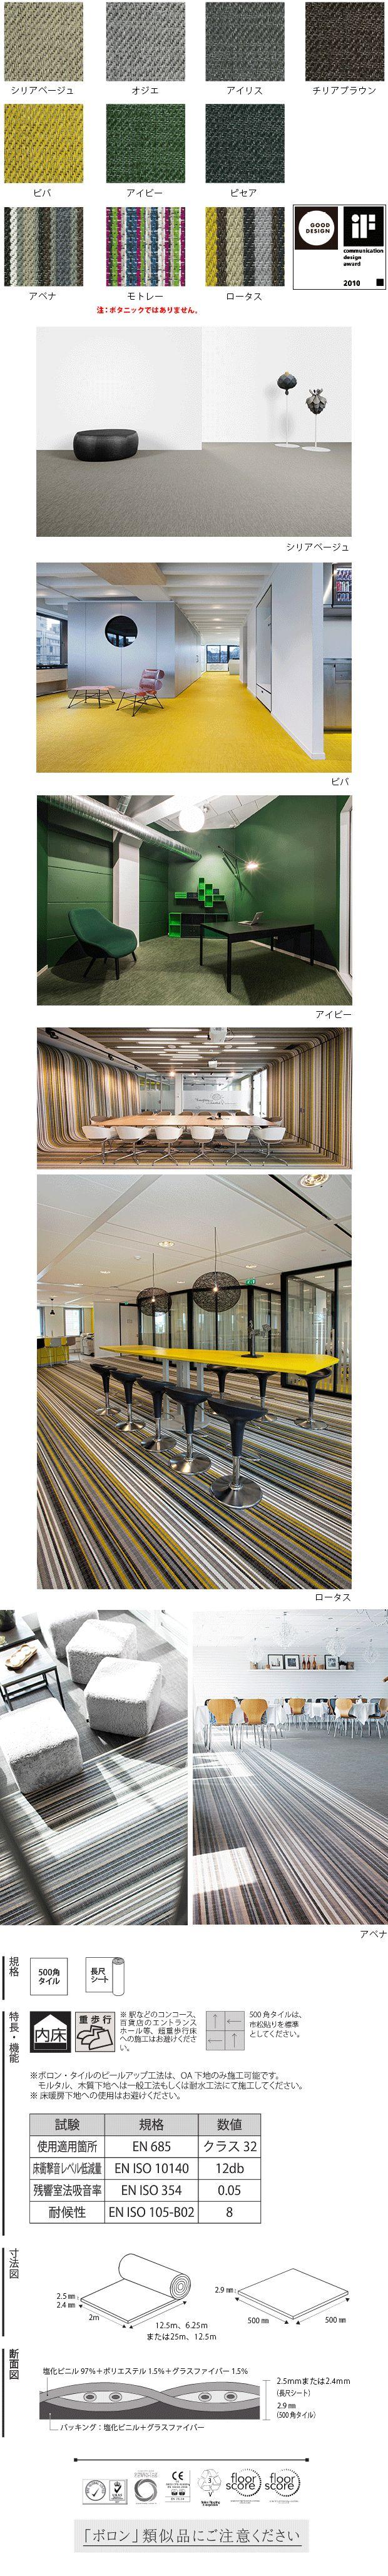 Küchendesign für bungalowhaus die  besten ideen zu アドヴァン タイル auf pinterest  シンプル